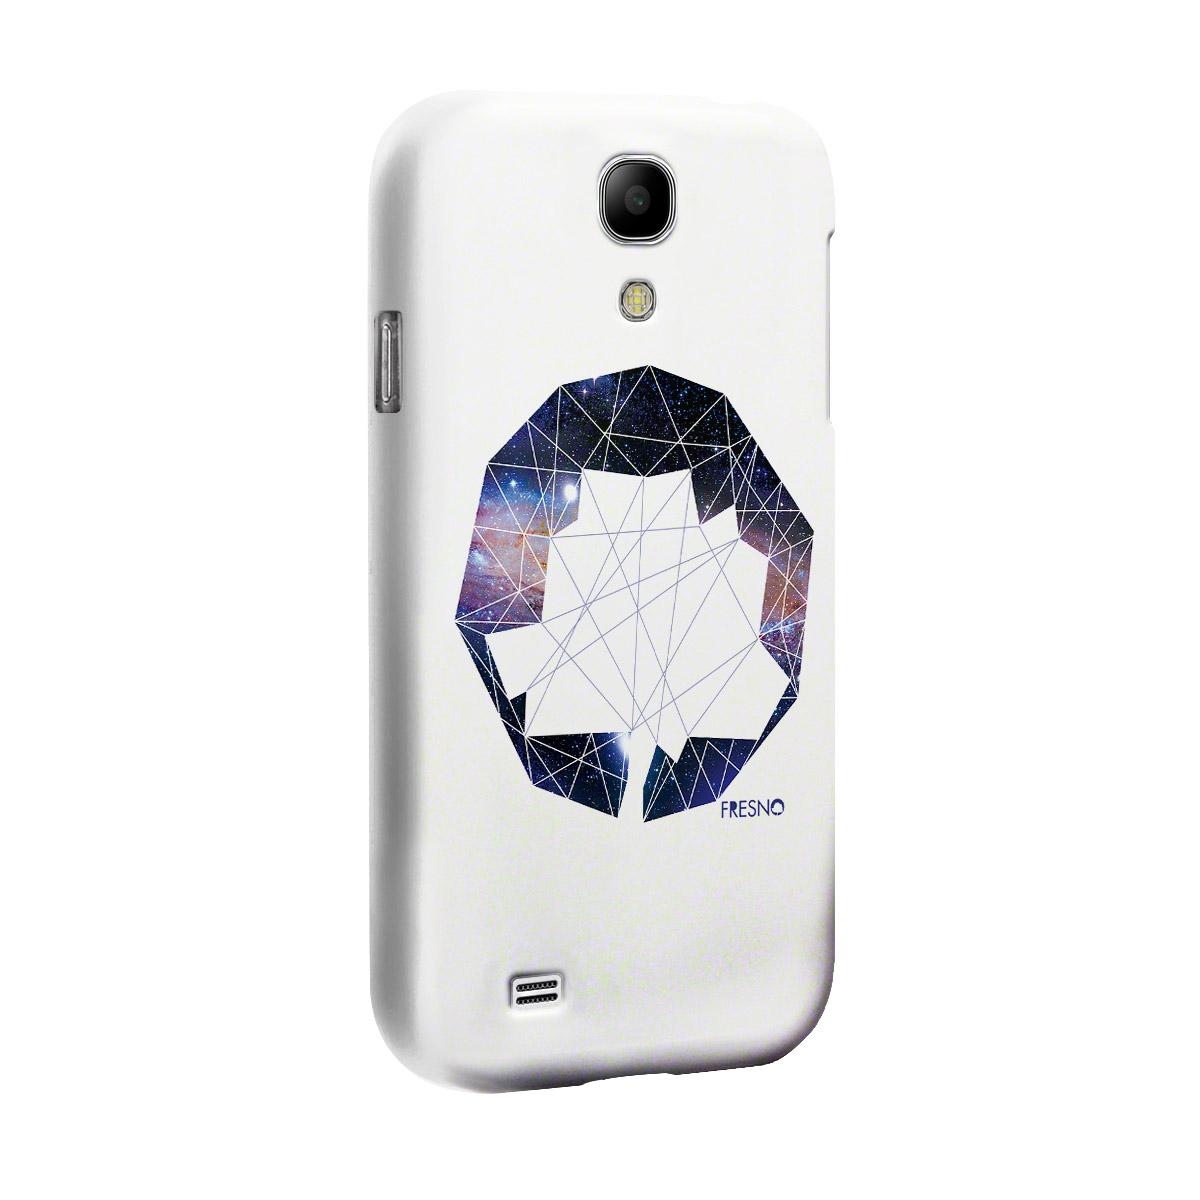 Capa de Celular Samsung Galaxy S4 Fresno Logo Galáxias